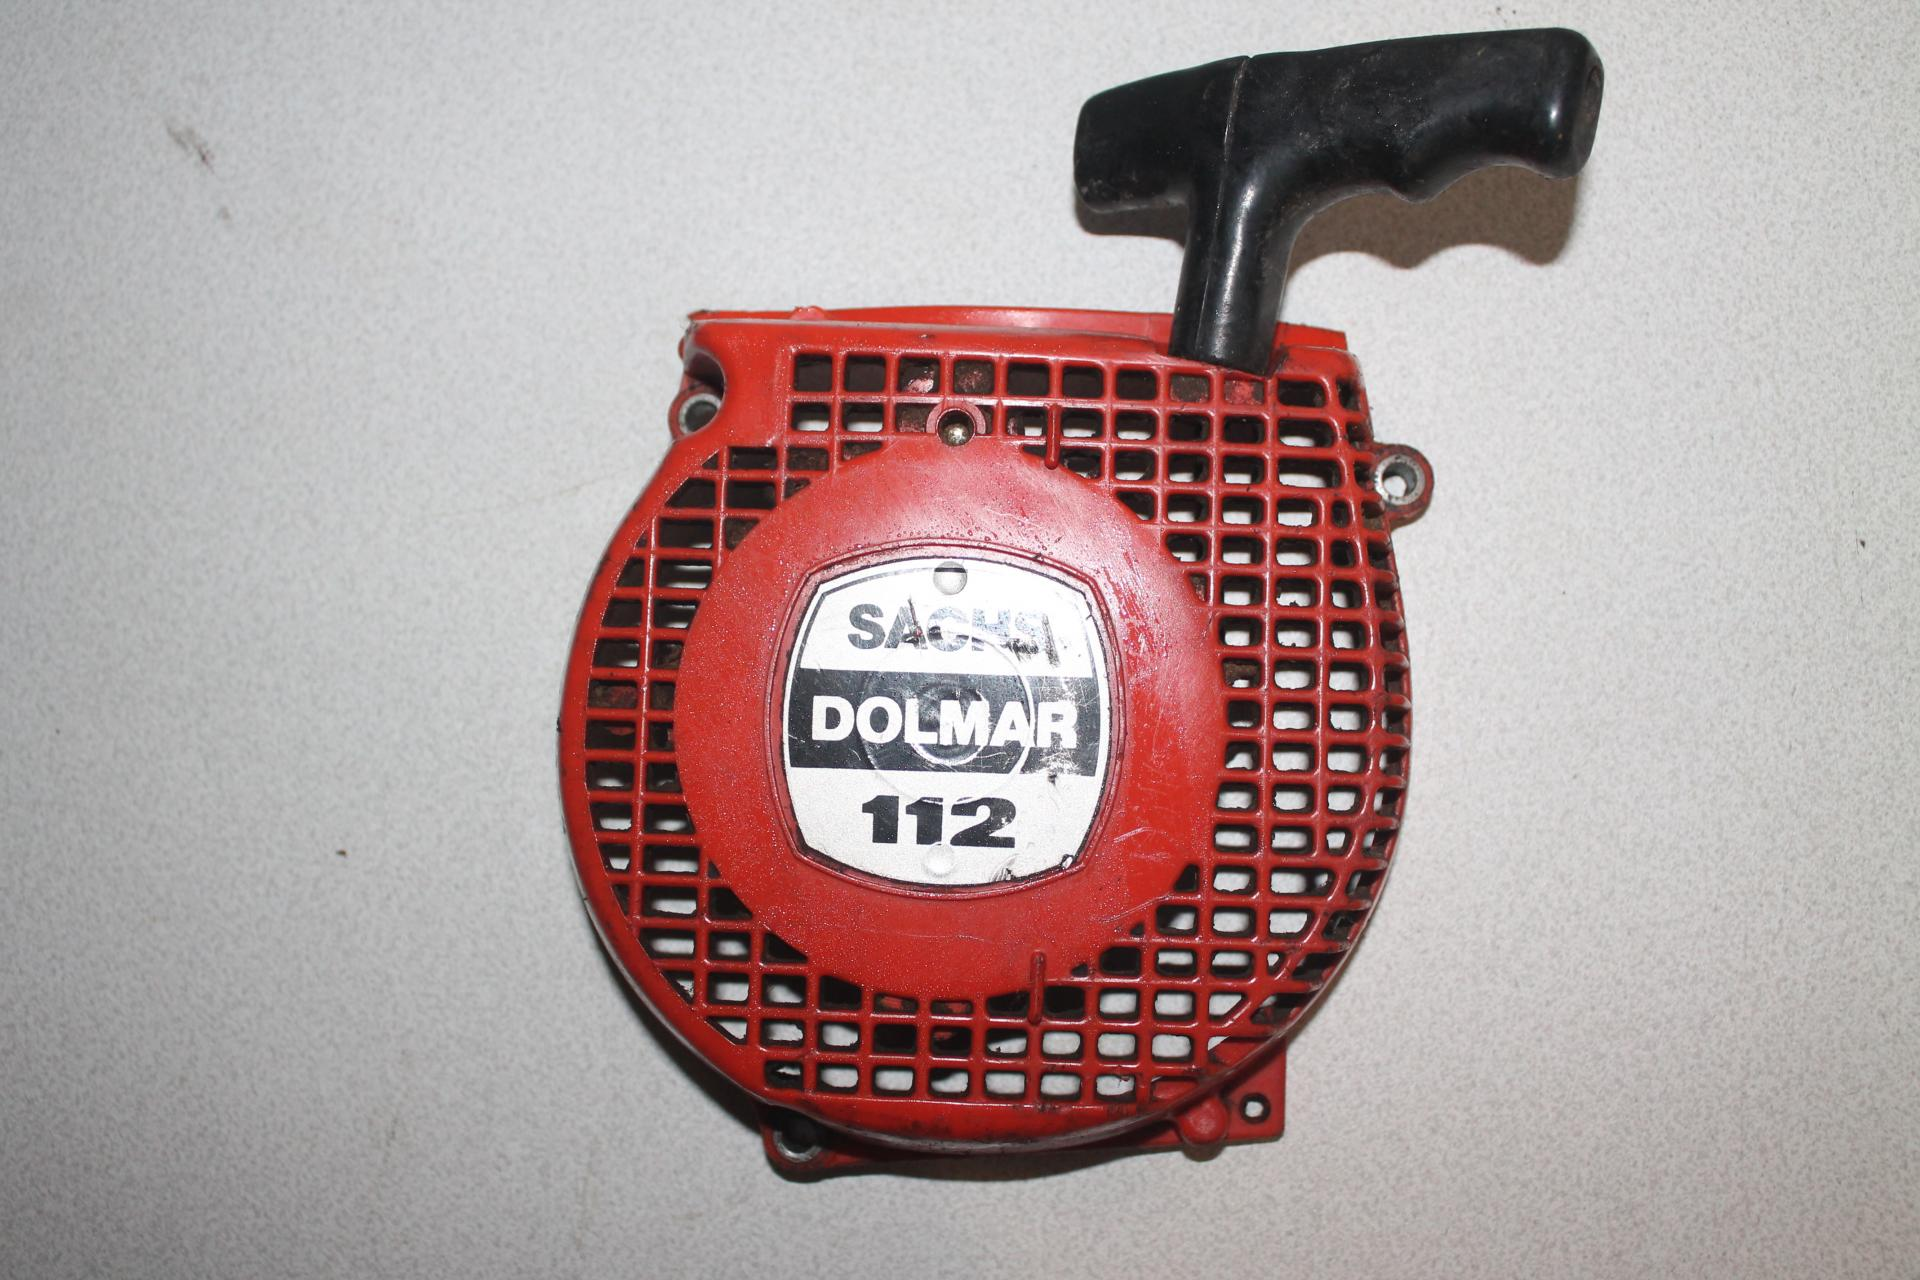 Arranque Dolmar 112